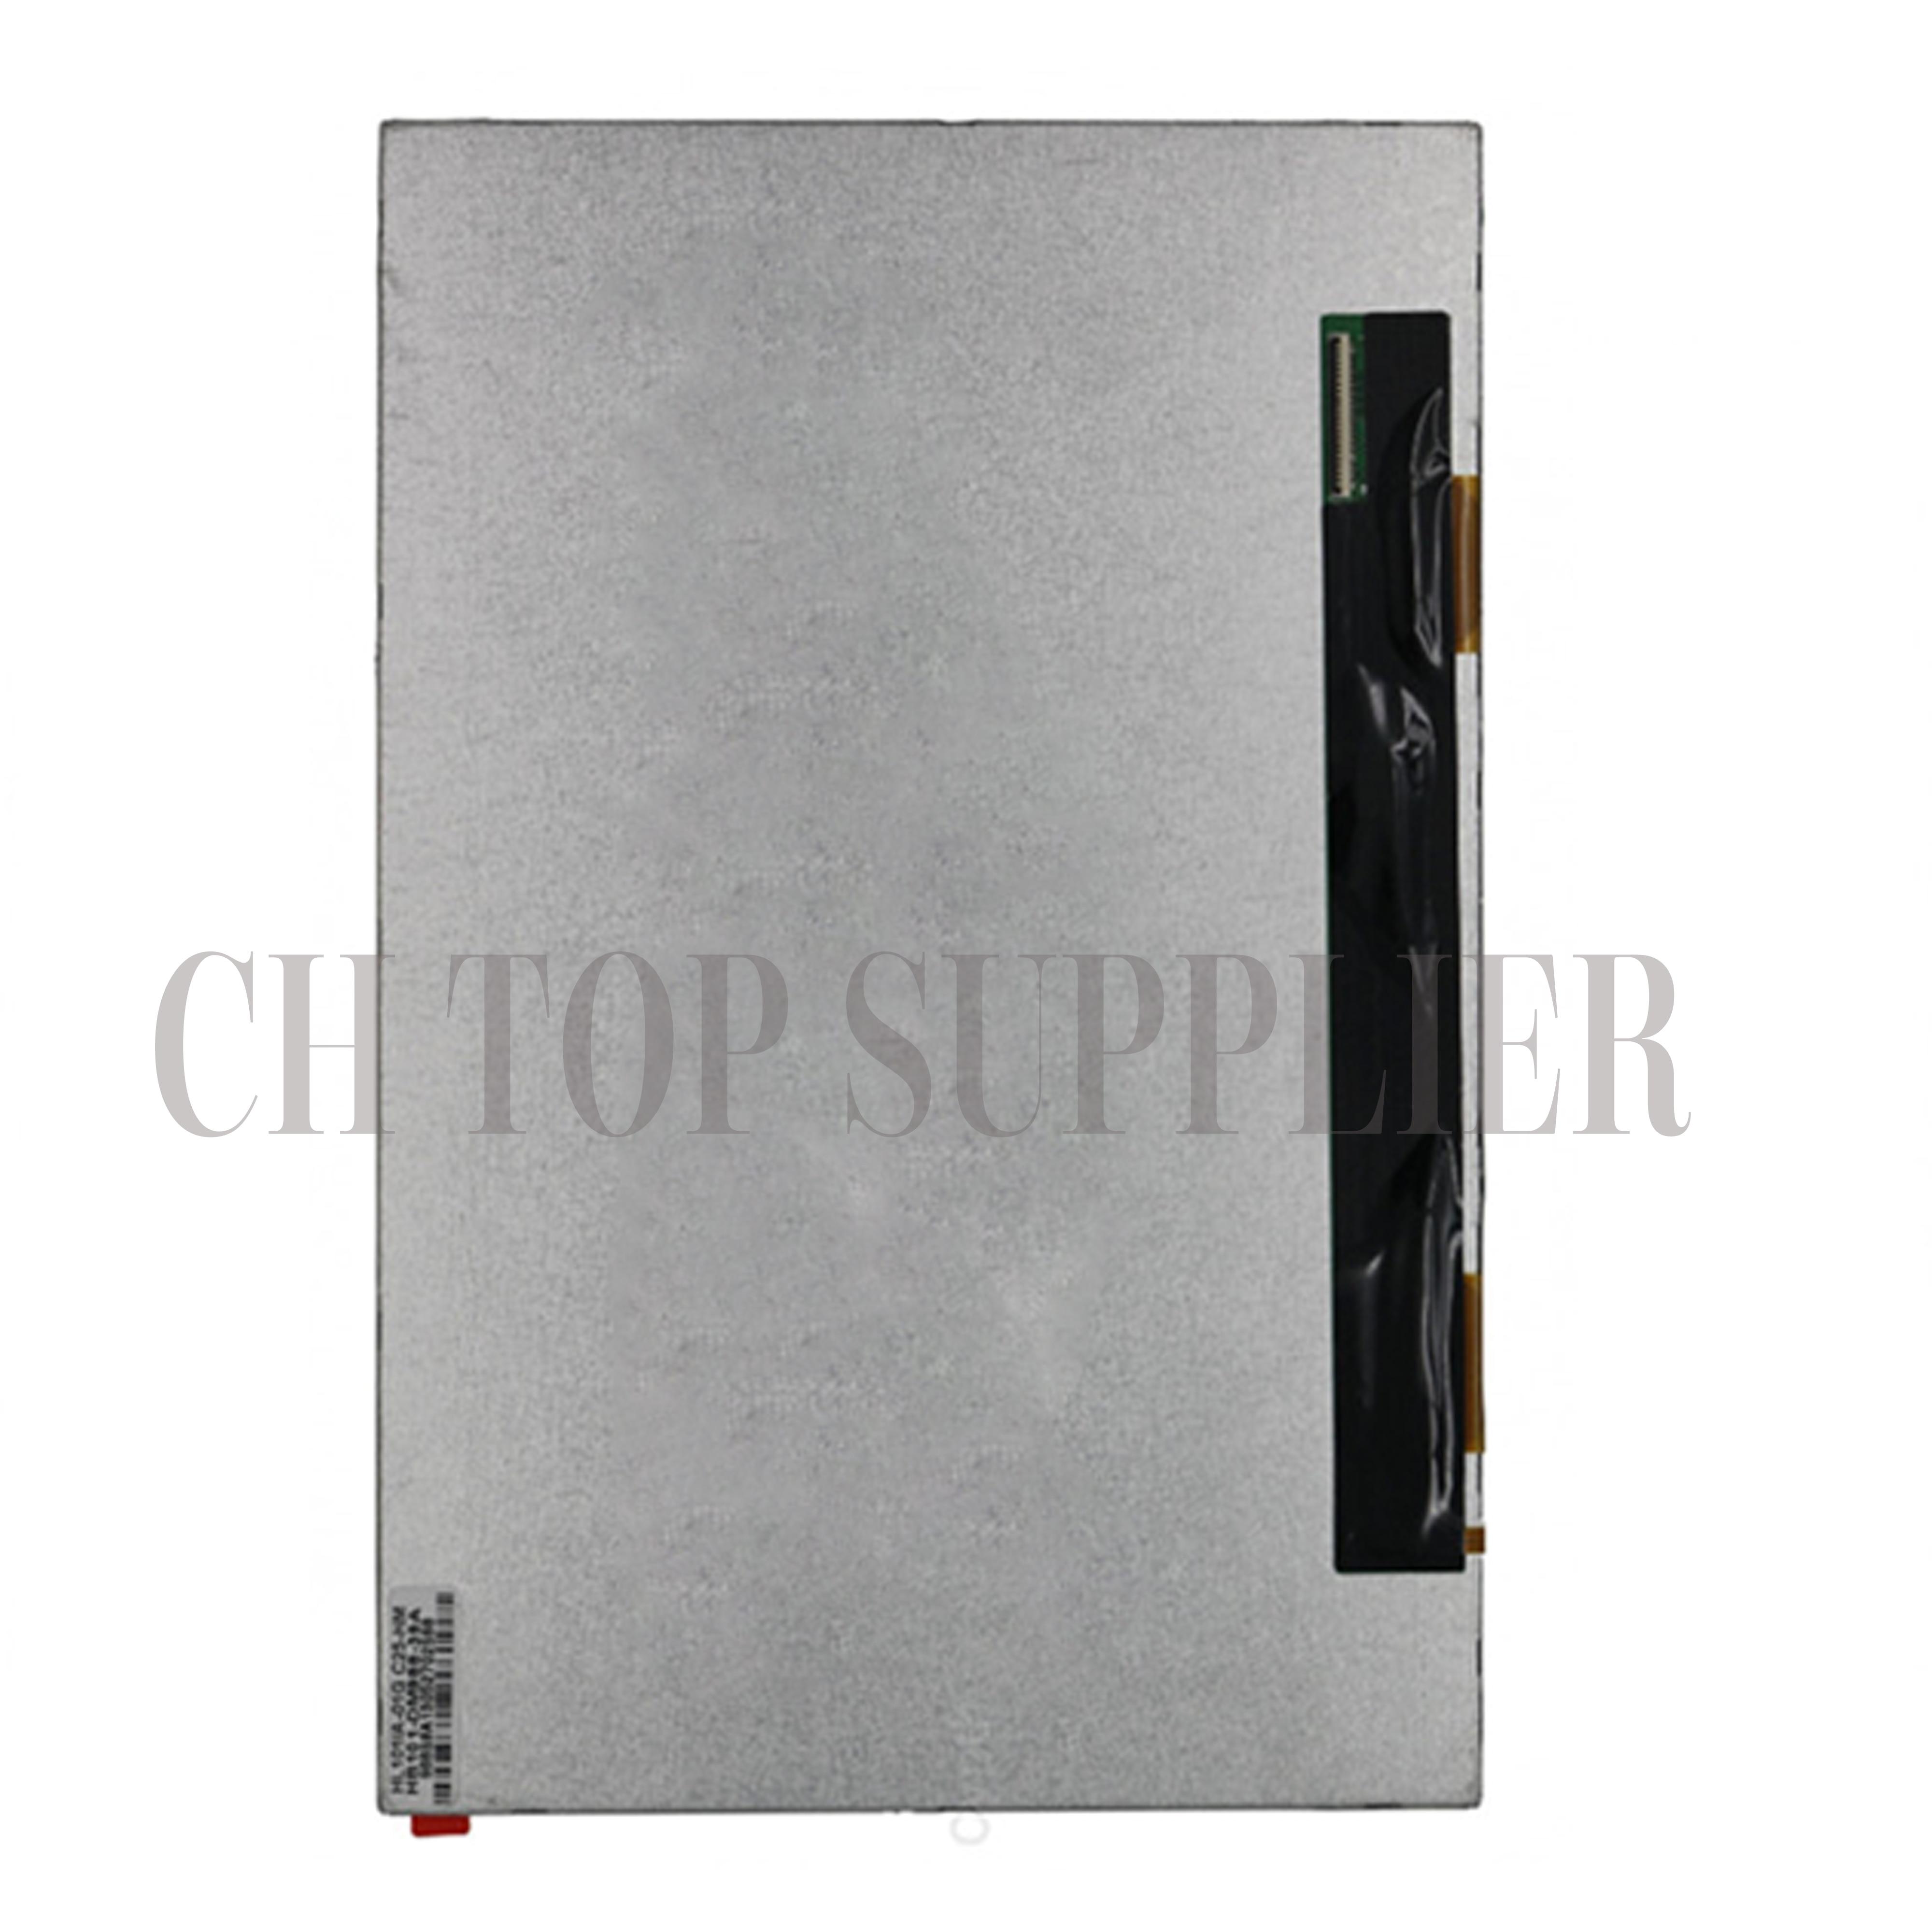 10,1 zoll LCD Display Für Ampe A10 LCD Sanei N10 Lcd-bildschirm ohne touchscreen digitizer Freies verschiffen!!!